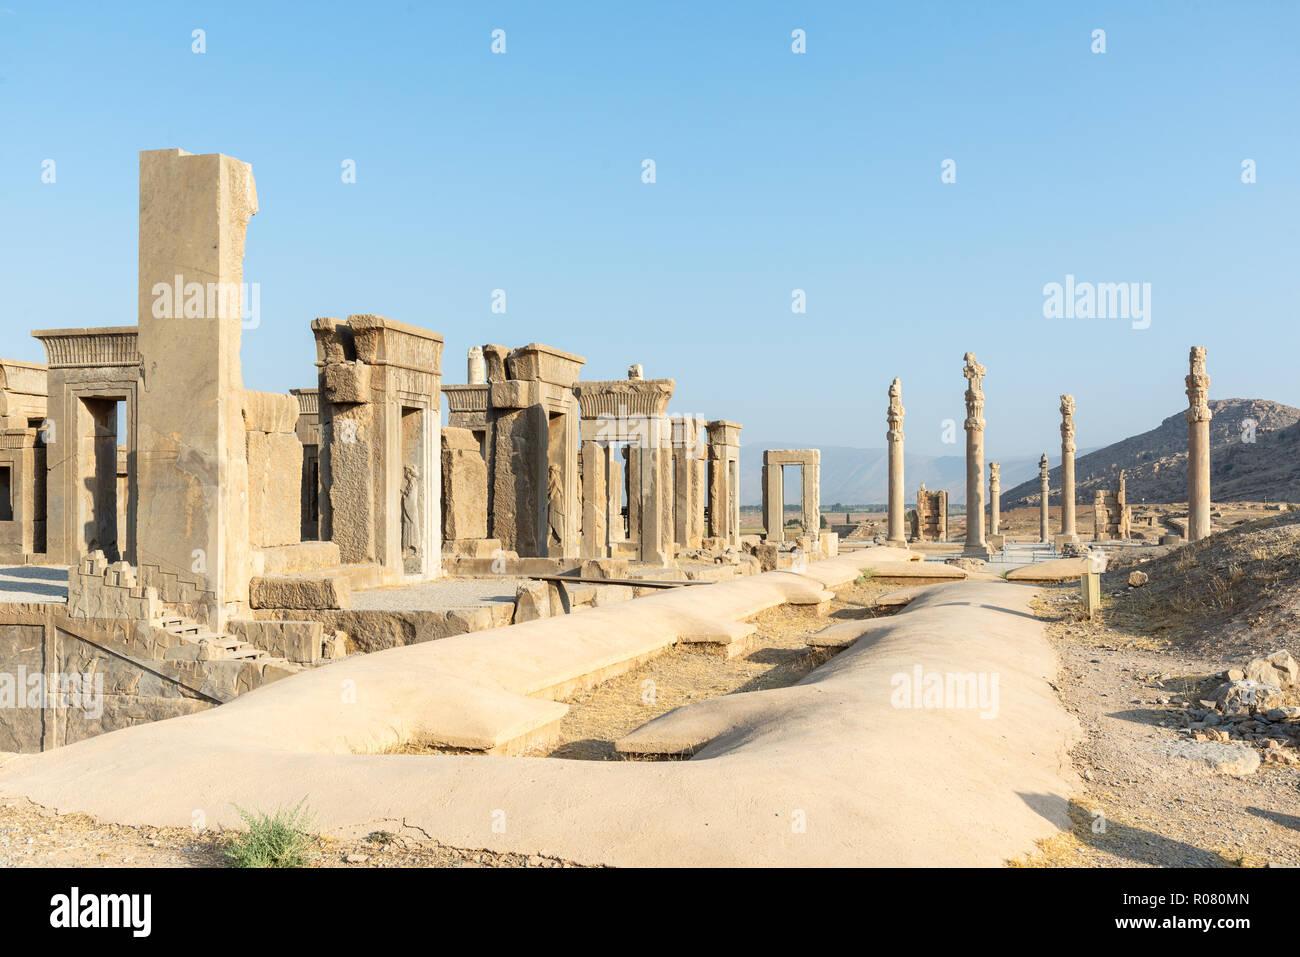 Las antiguas ruinas de Persépolis, Irán - uno de los sitios del patrimonio mundial de la UNESCO Foto de stock